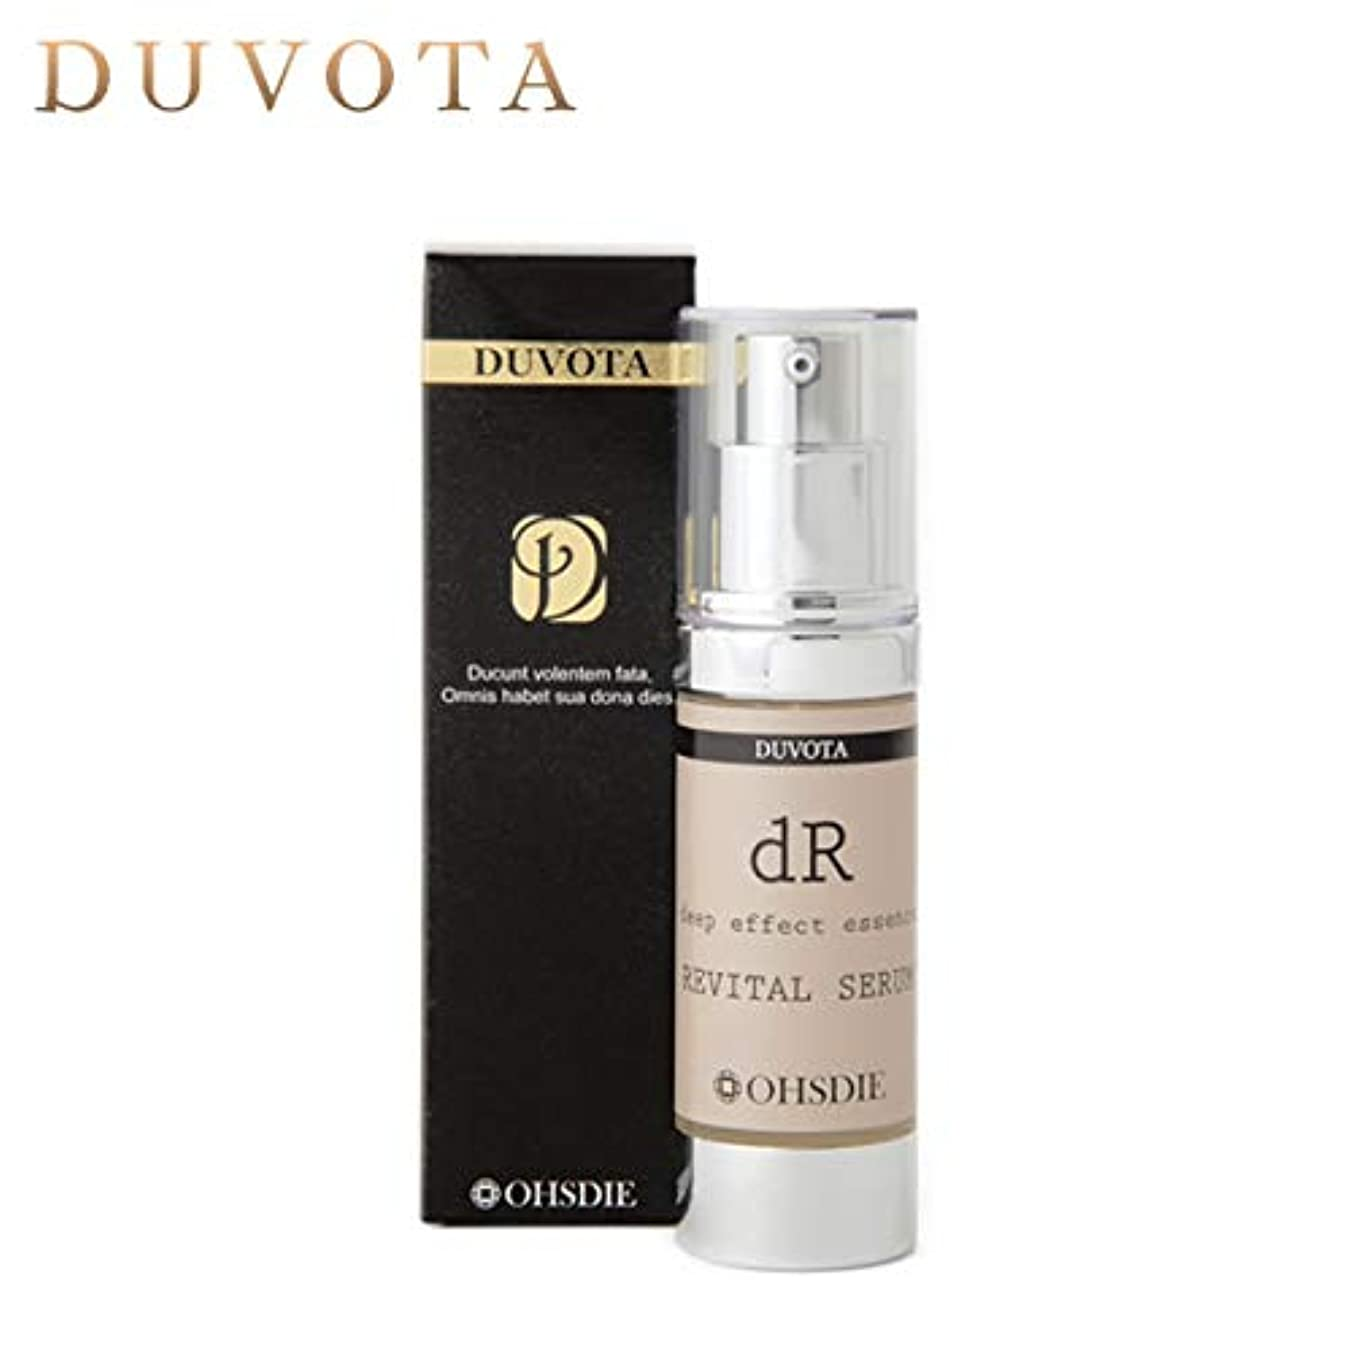 拘束する体現する殺すEGF 幹細胞 美容液 DUVOTA(ドゥボータ)ディープエフェクトエッセンスDリバイタルセラム 30ml / 馬プラセンタ ナールスゲン エレクトロポーション導入 エクラフレーズ 美顔器 リフトアップ 敏感肌 おすすめ